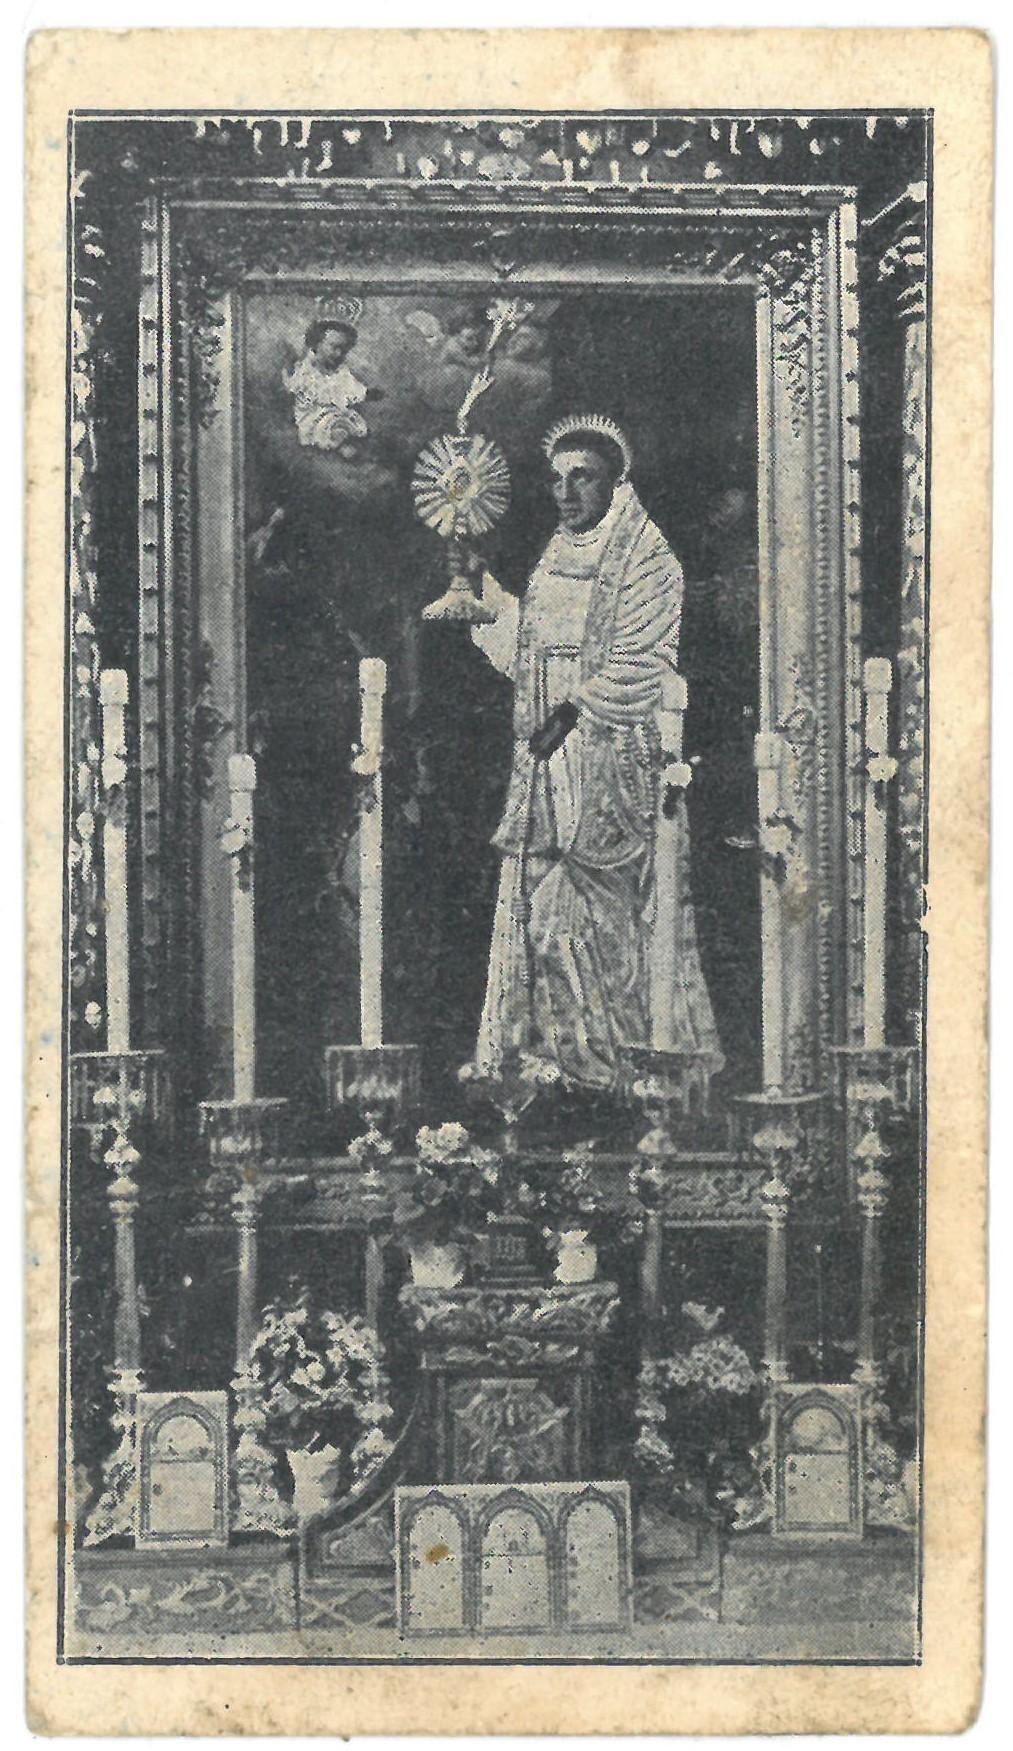 Religinis paveikslėlis. Telšių vyskupijos III eucharistinio kongreso atsiminimui. Priekinėje pusėje išspausdintas Kretingos Šv. Antano altoriaus paveikslo fotografinis vaizdas, o kitoje pusėje – padėkos tekstas